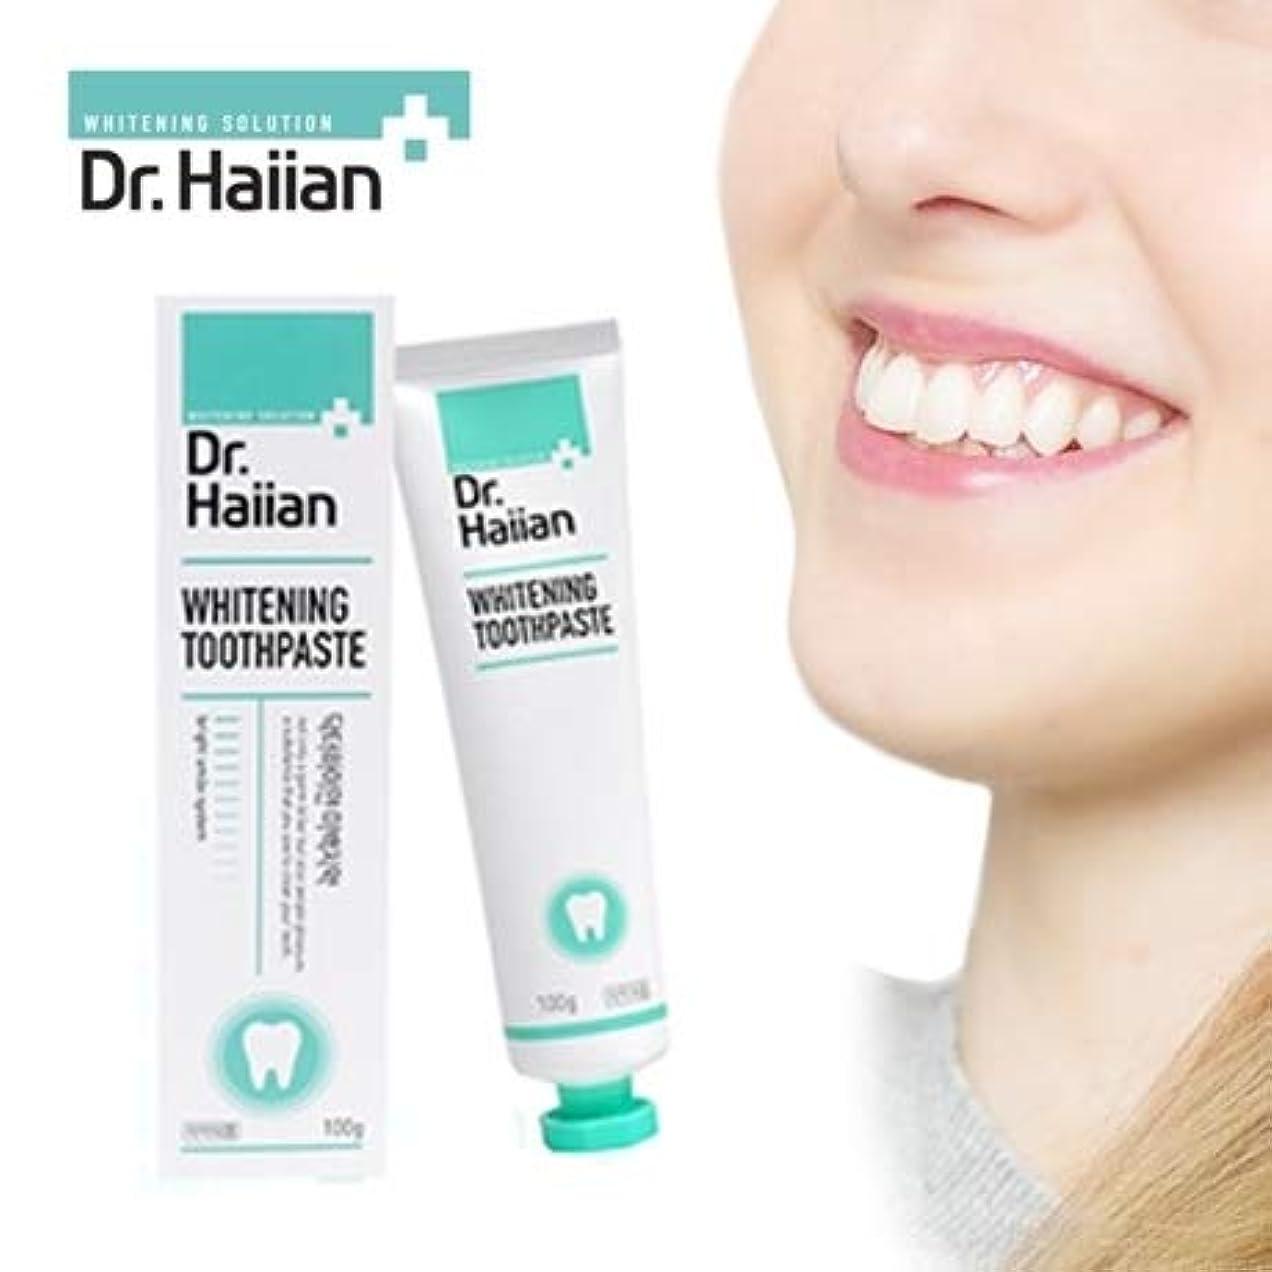 引き受ける掘るペーストDr.Haiian WHITENING TOOTHPASTE ホワイトニング歯磨き粉 100g,韩国正品